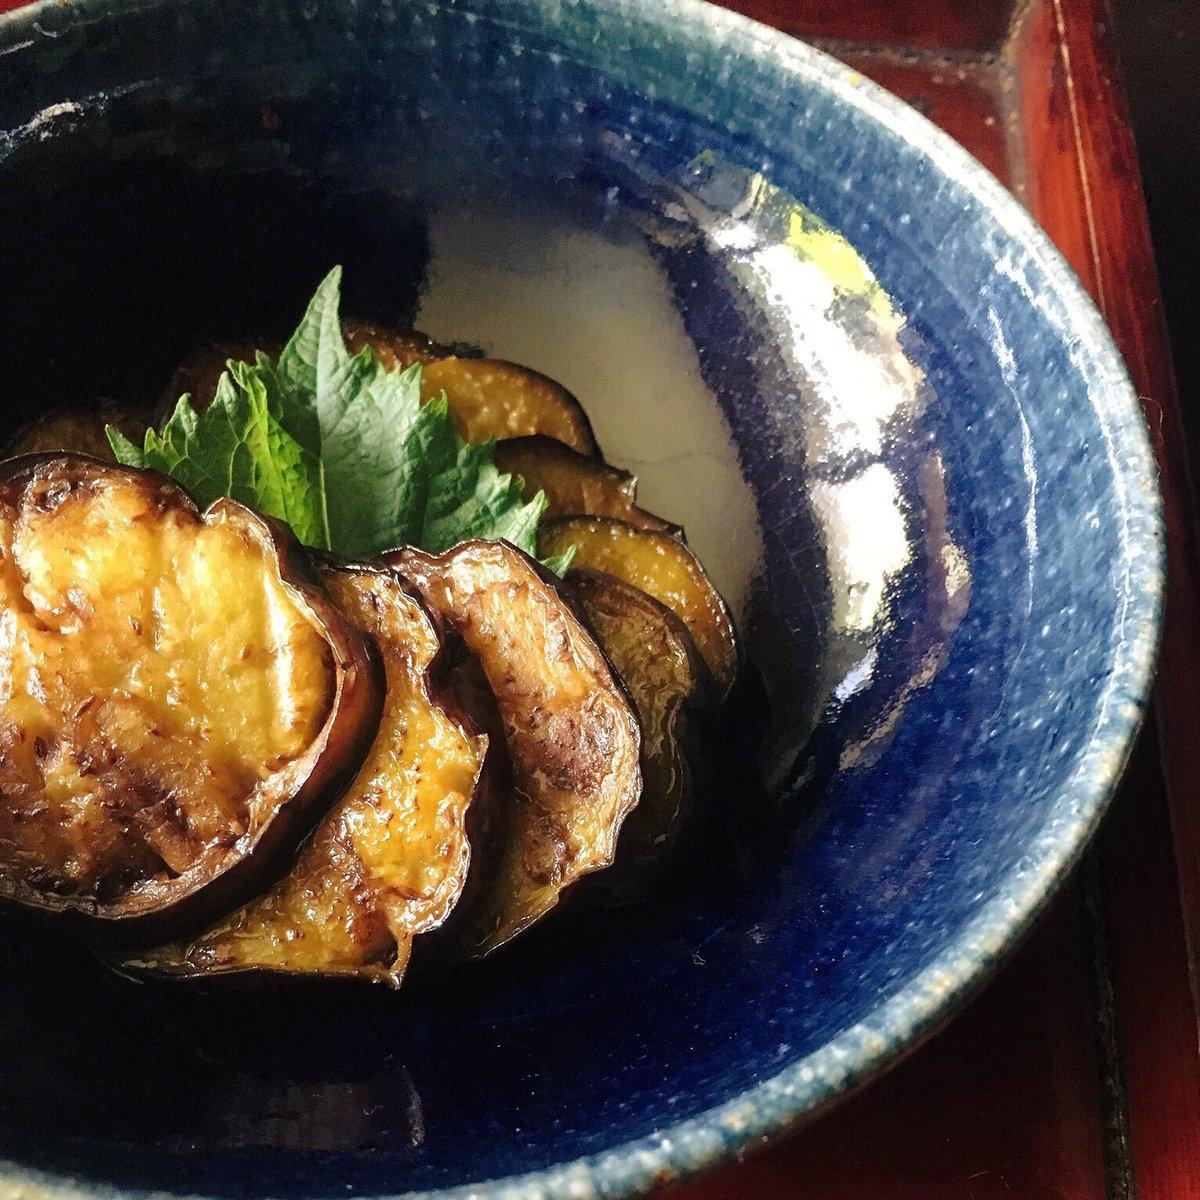 [料理ネタ]去年の夏フォロワさんが1日3本なす食べちゃった鬼レシピ[2016年8月31日]